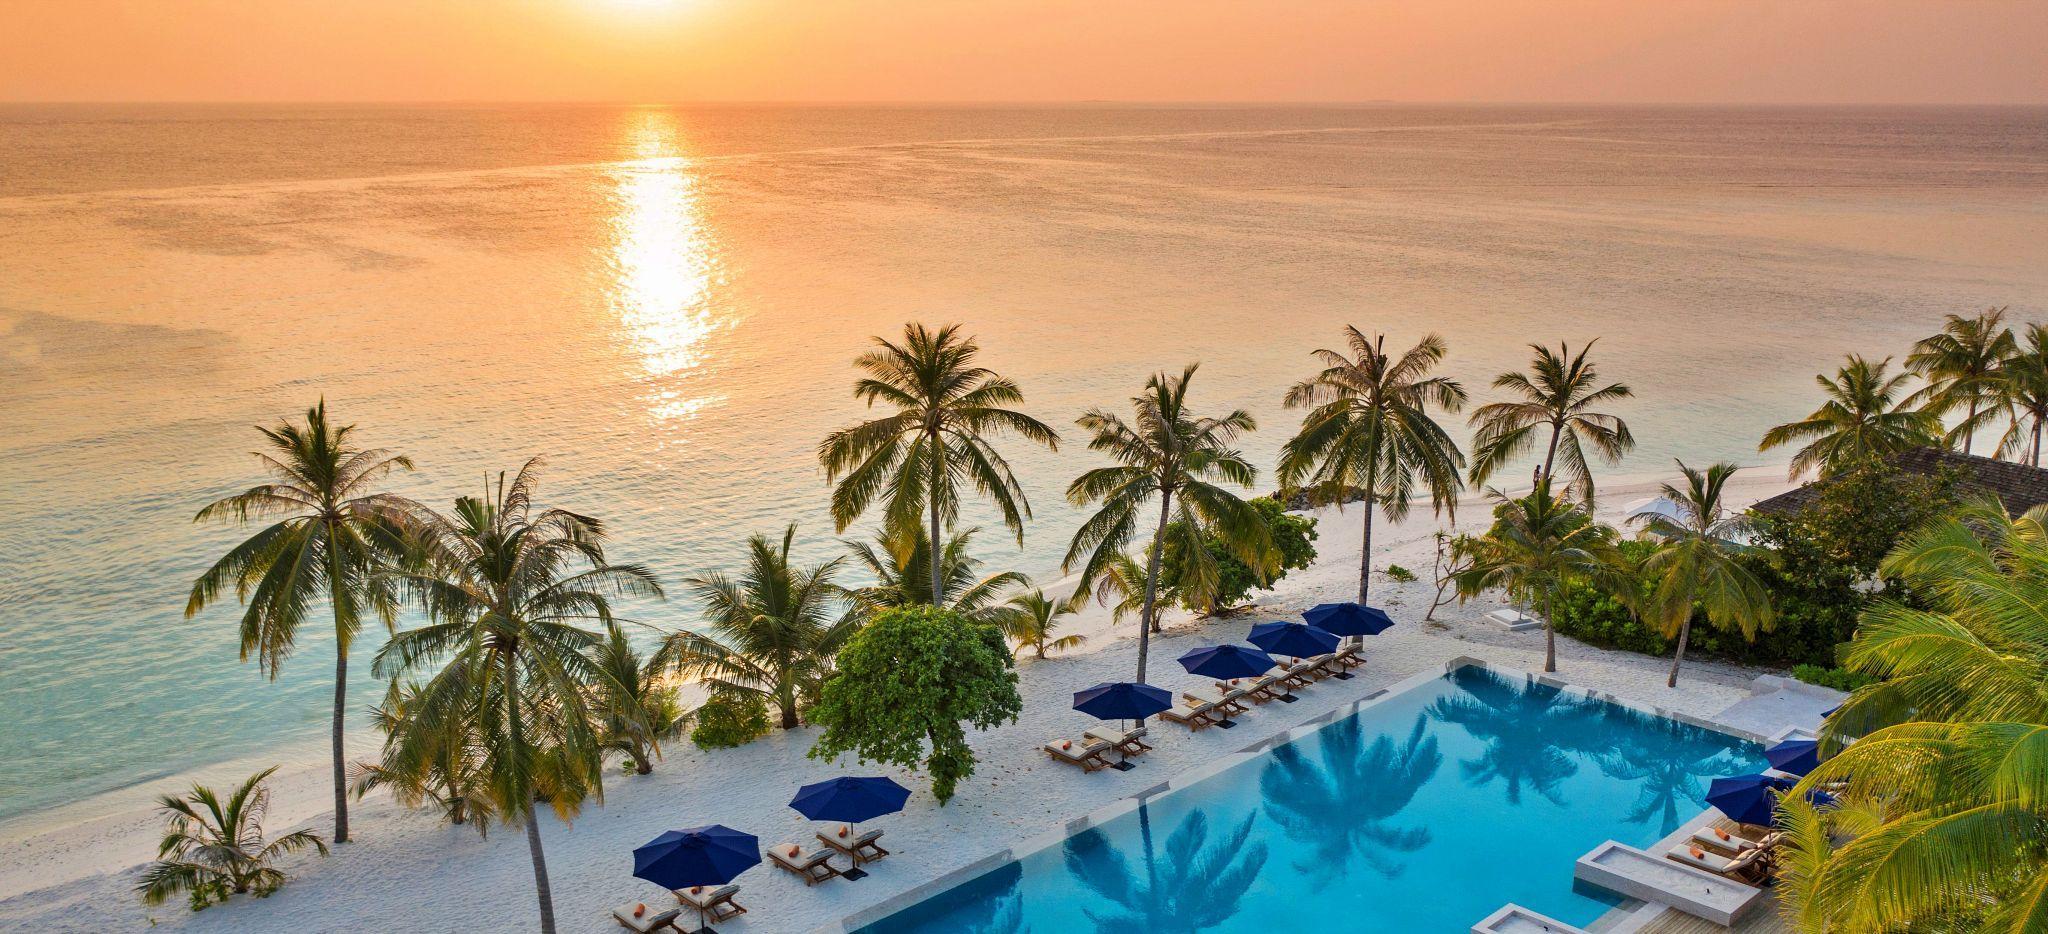 Blick auf den Sonnenuntergang über dem Meer, über den Pool des FaaruFushi gesehen